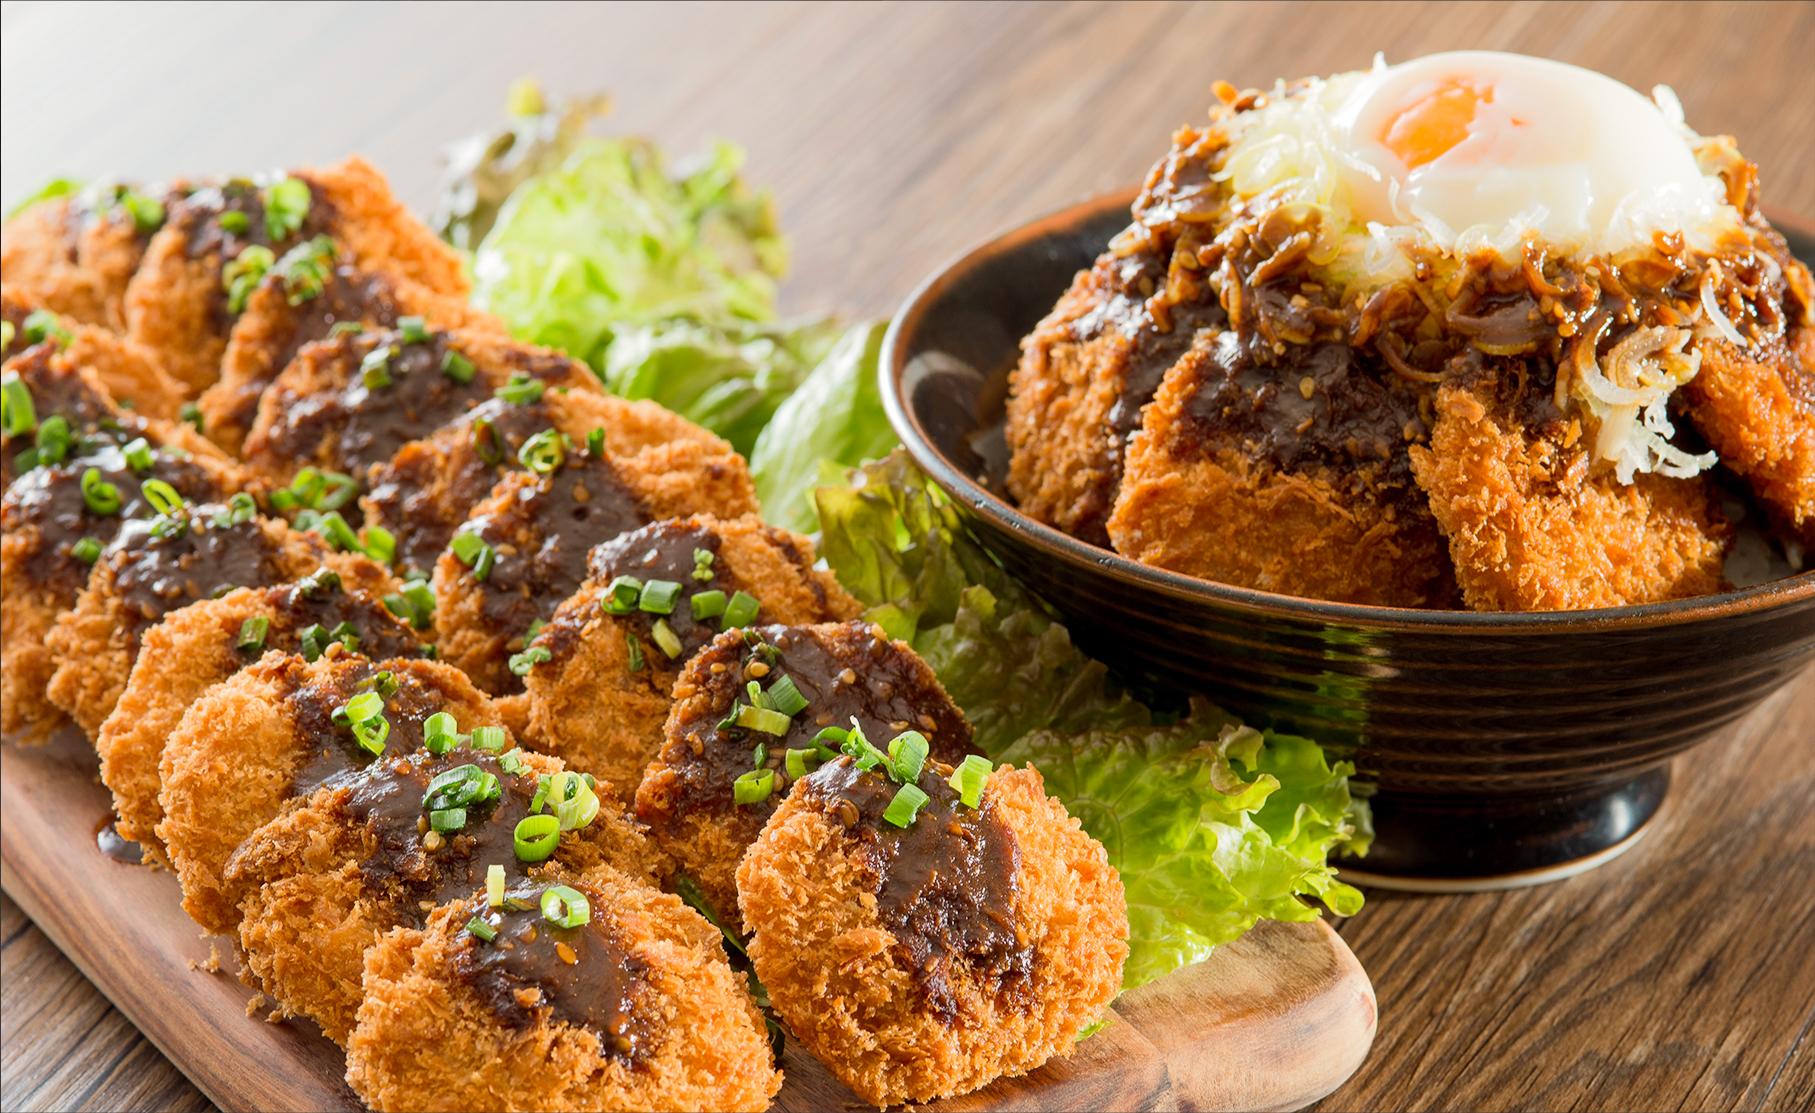 味噌カツ 食べておきたい名古屋ならではの郷土・名物料理4品